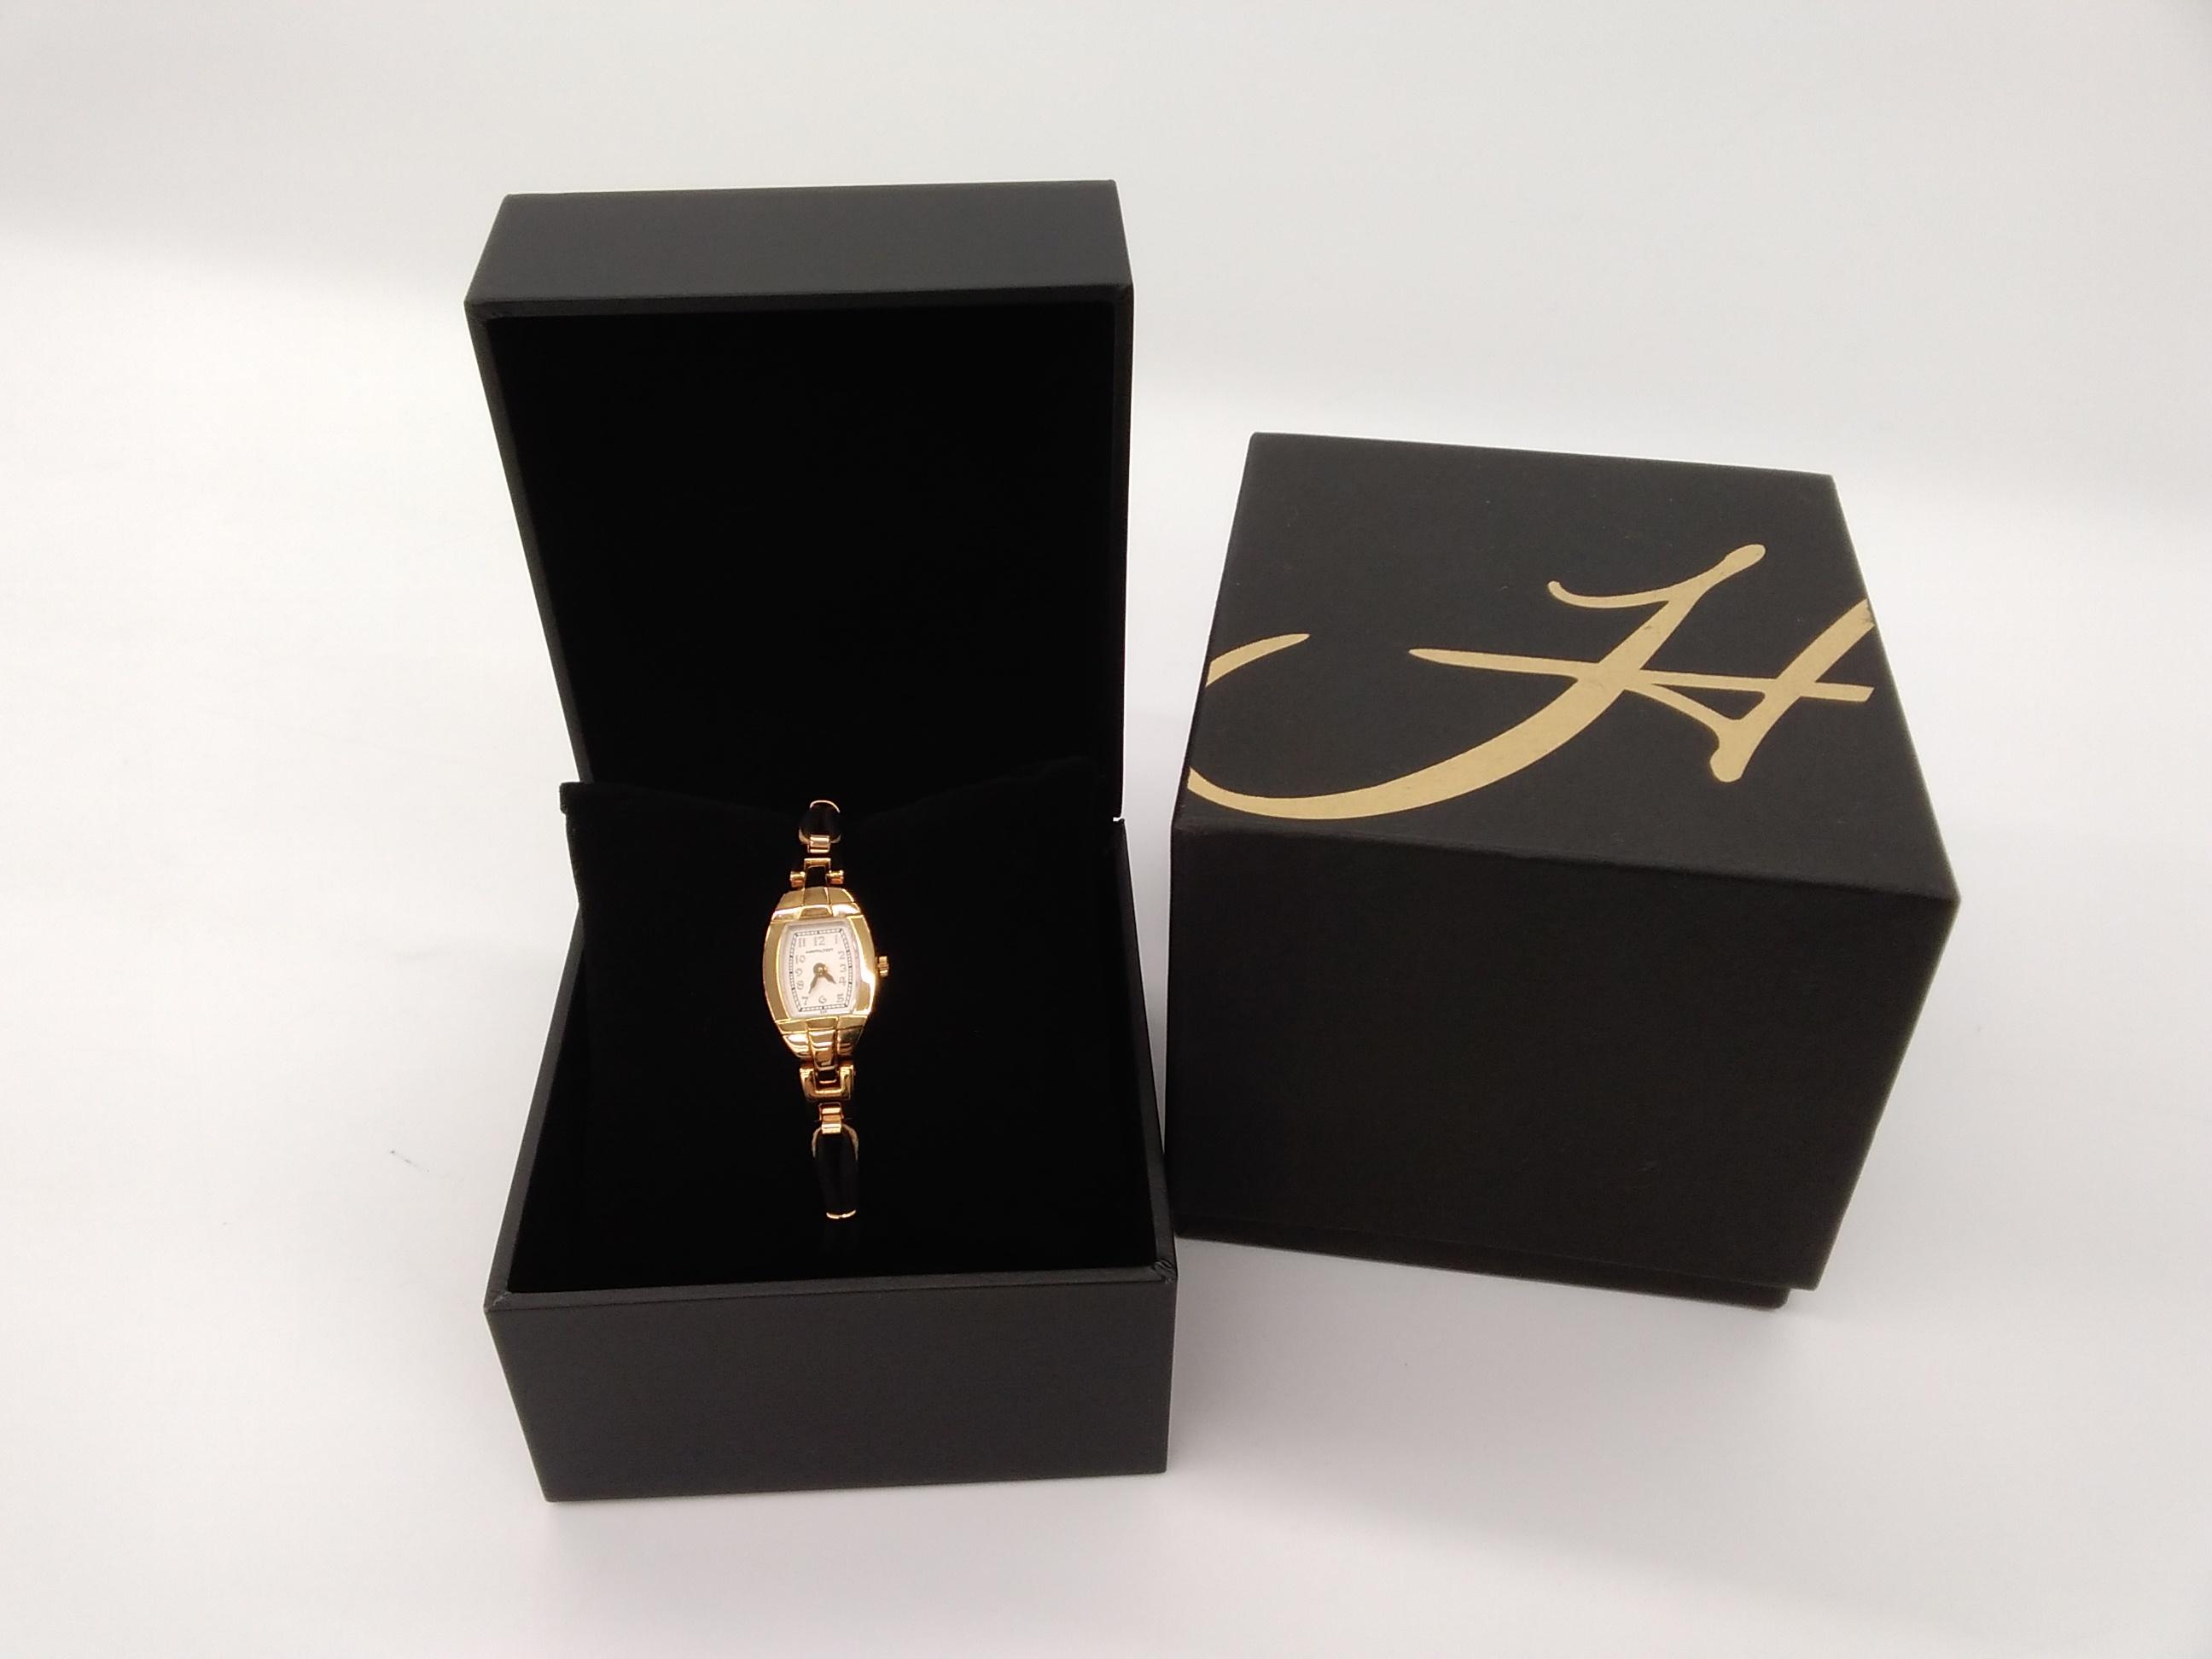 美品♢ハミルトン 腕時計 レディースクオーツ|HAMILTON